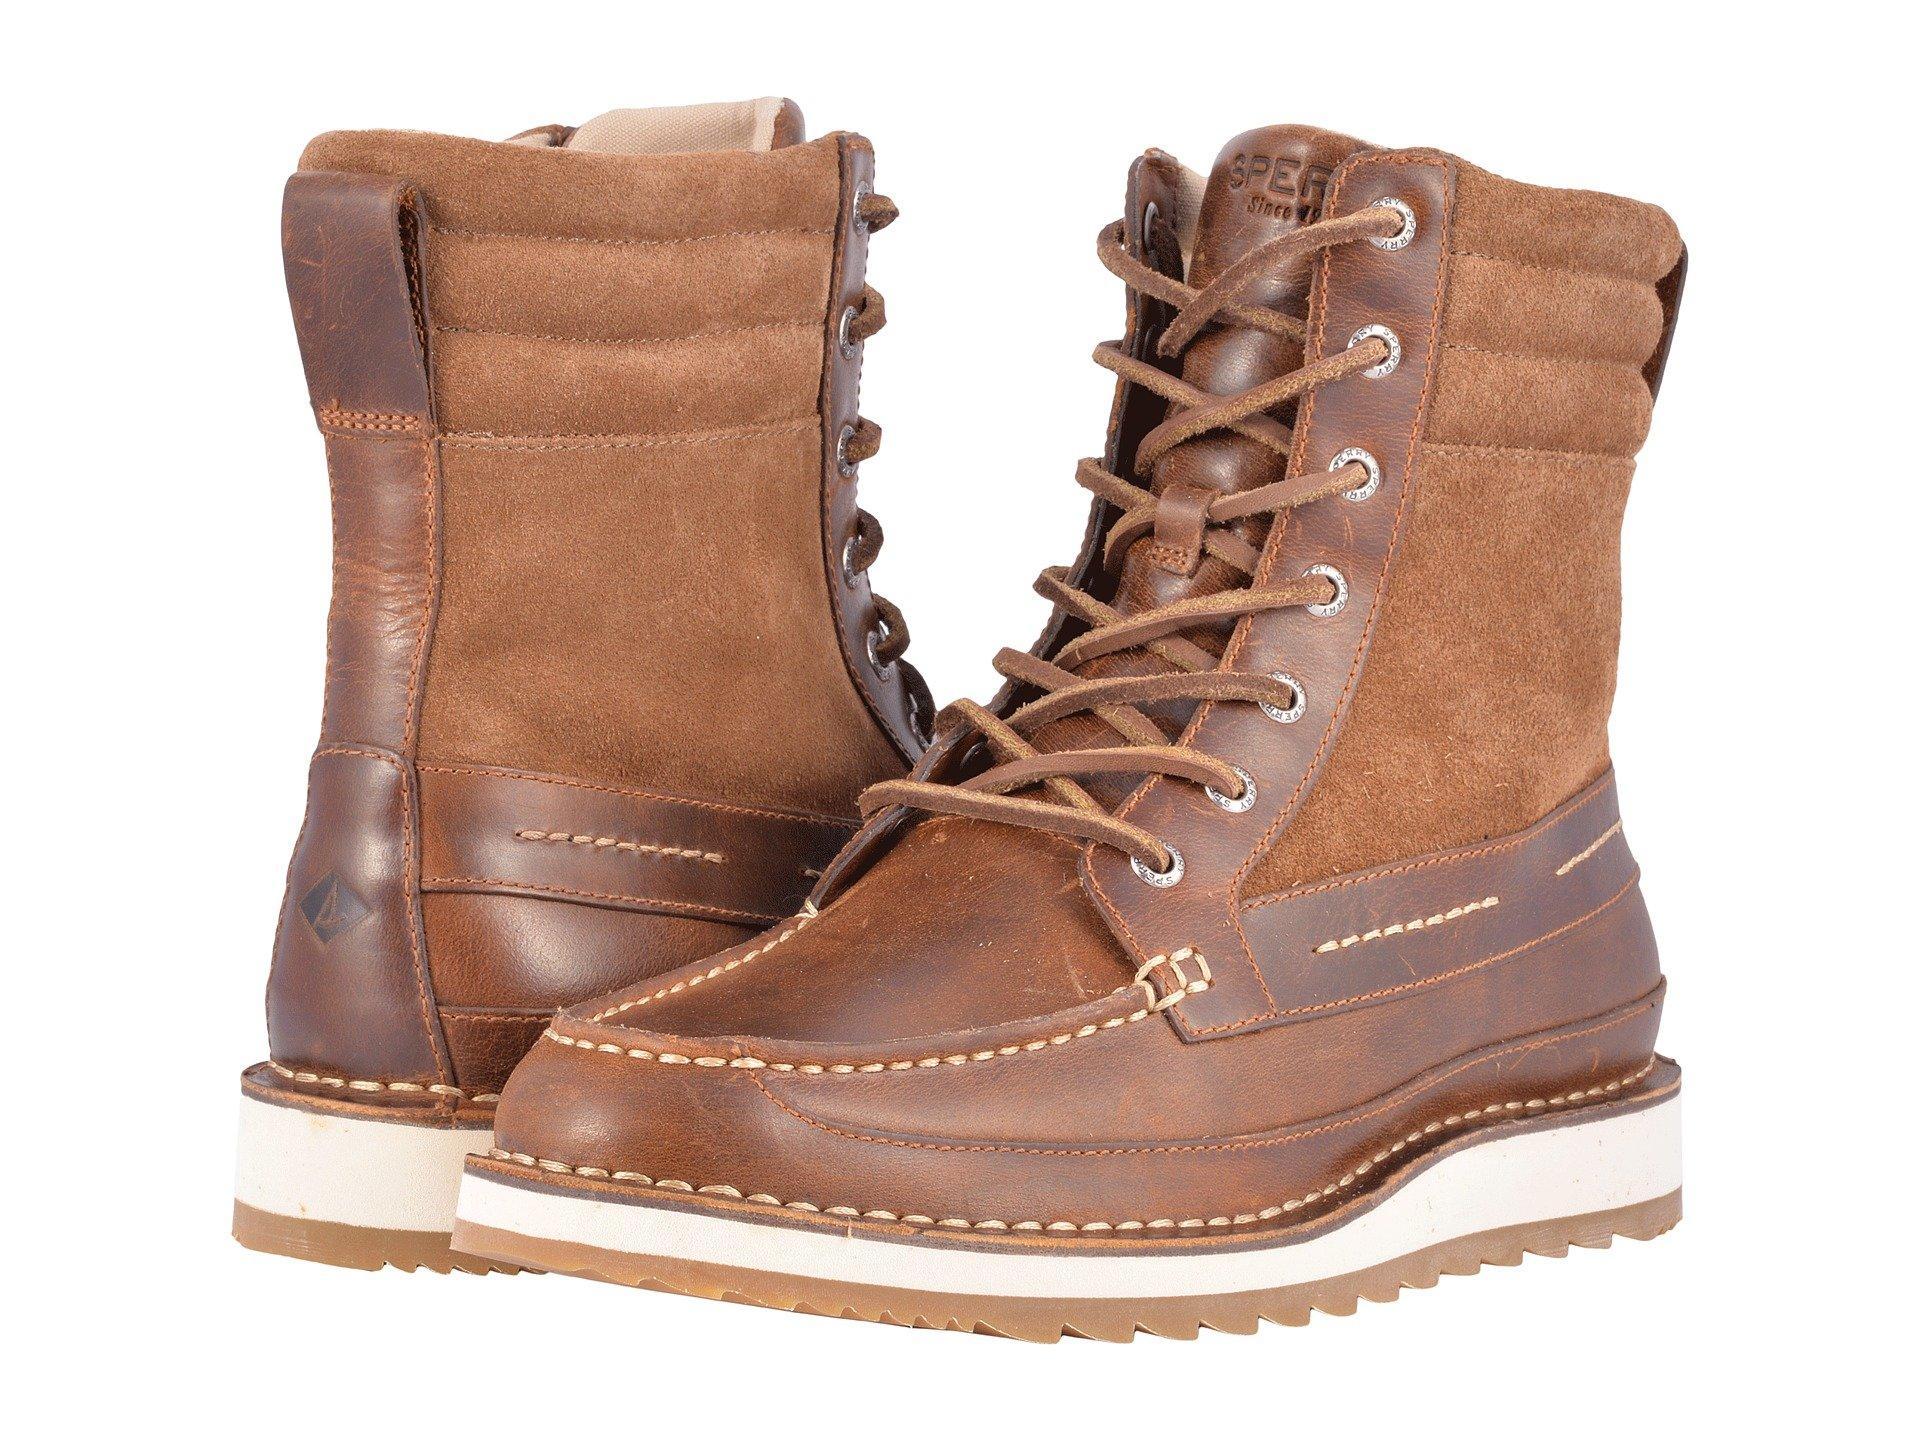 Sperry Dockyard Boot, Tan 1